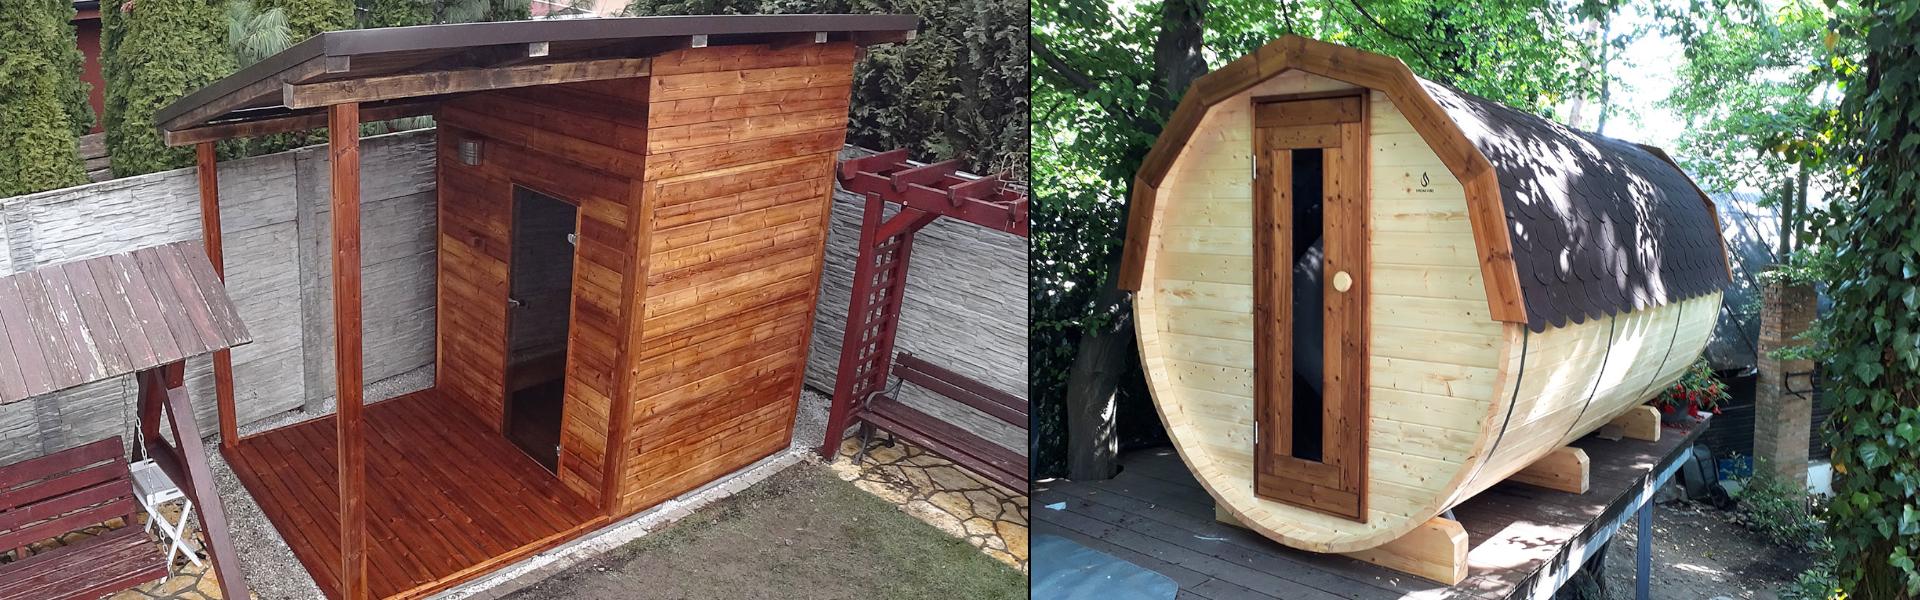 Domáce záhradné sauny